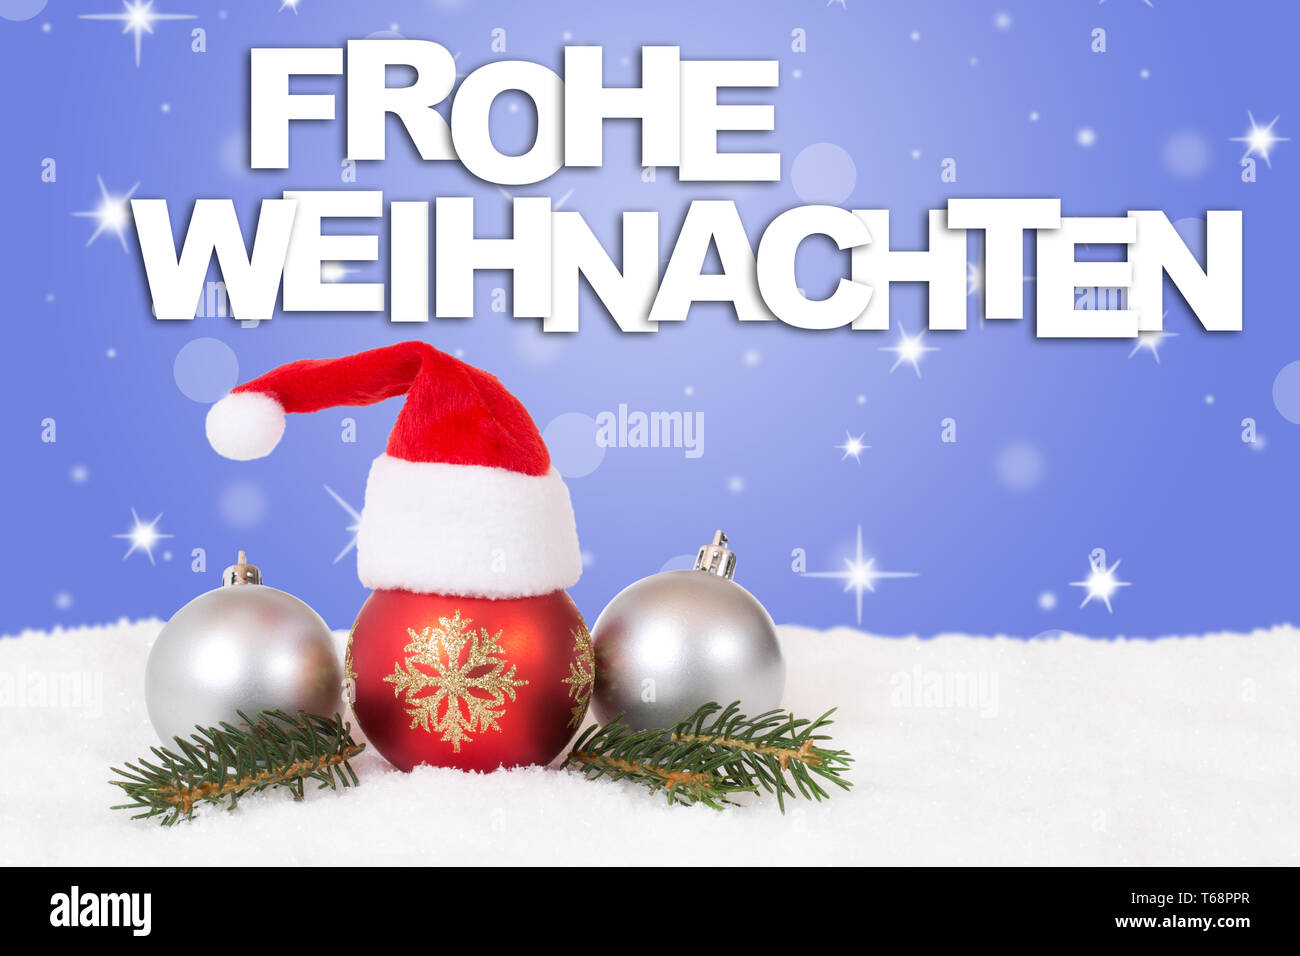 Email Frohe Weihnachten.Frohe Weihnachten Stock Photos Frohe Weihnachten Stock Images Alamy